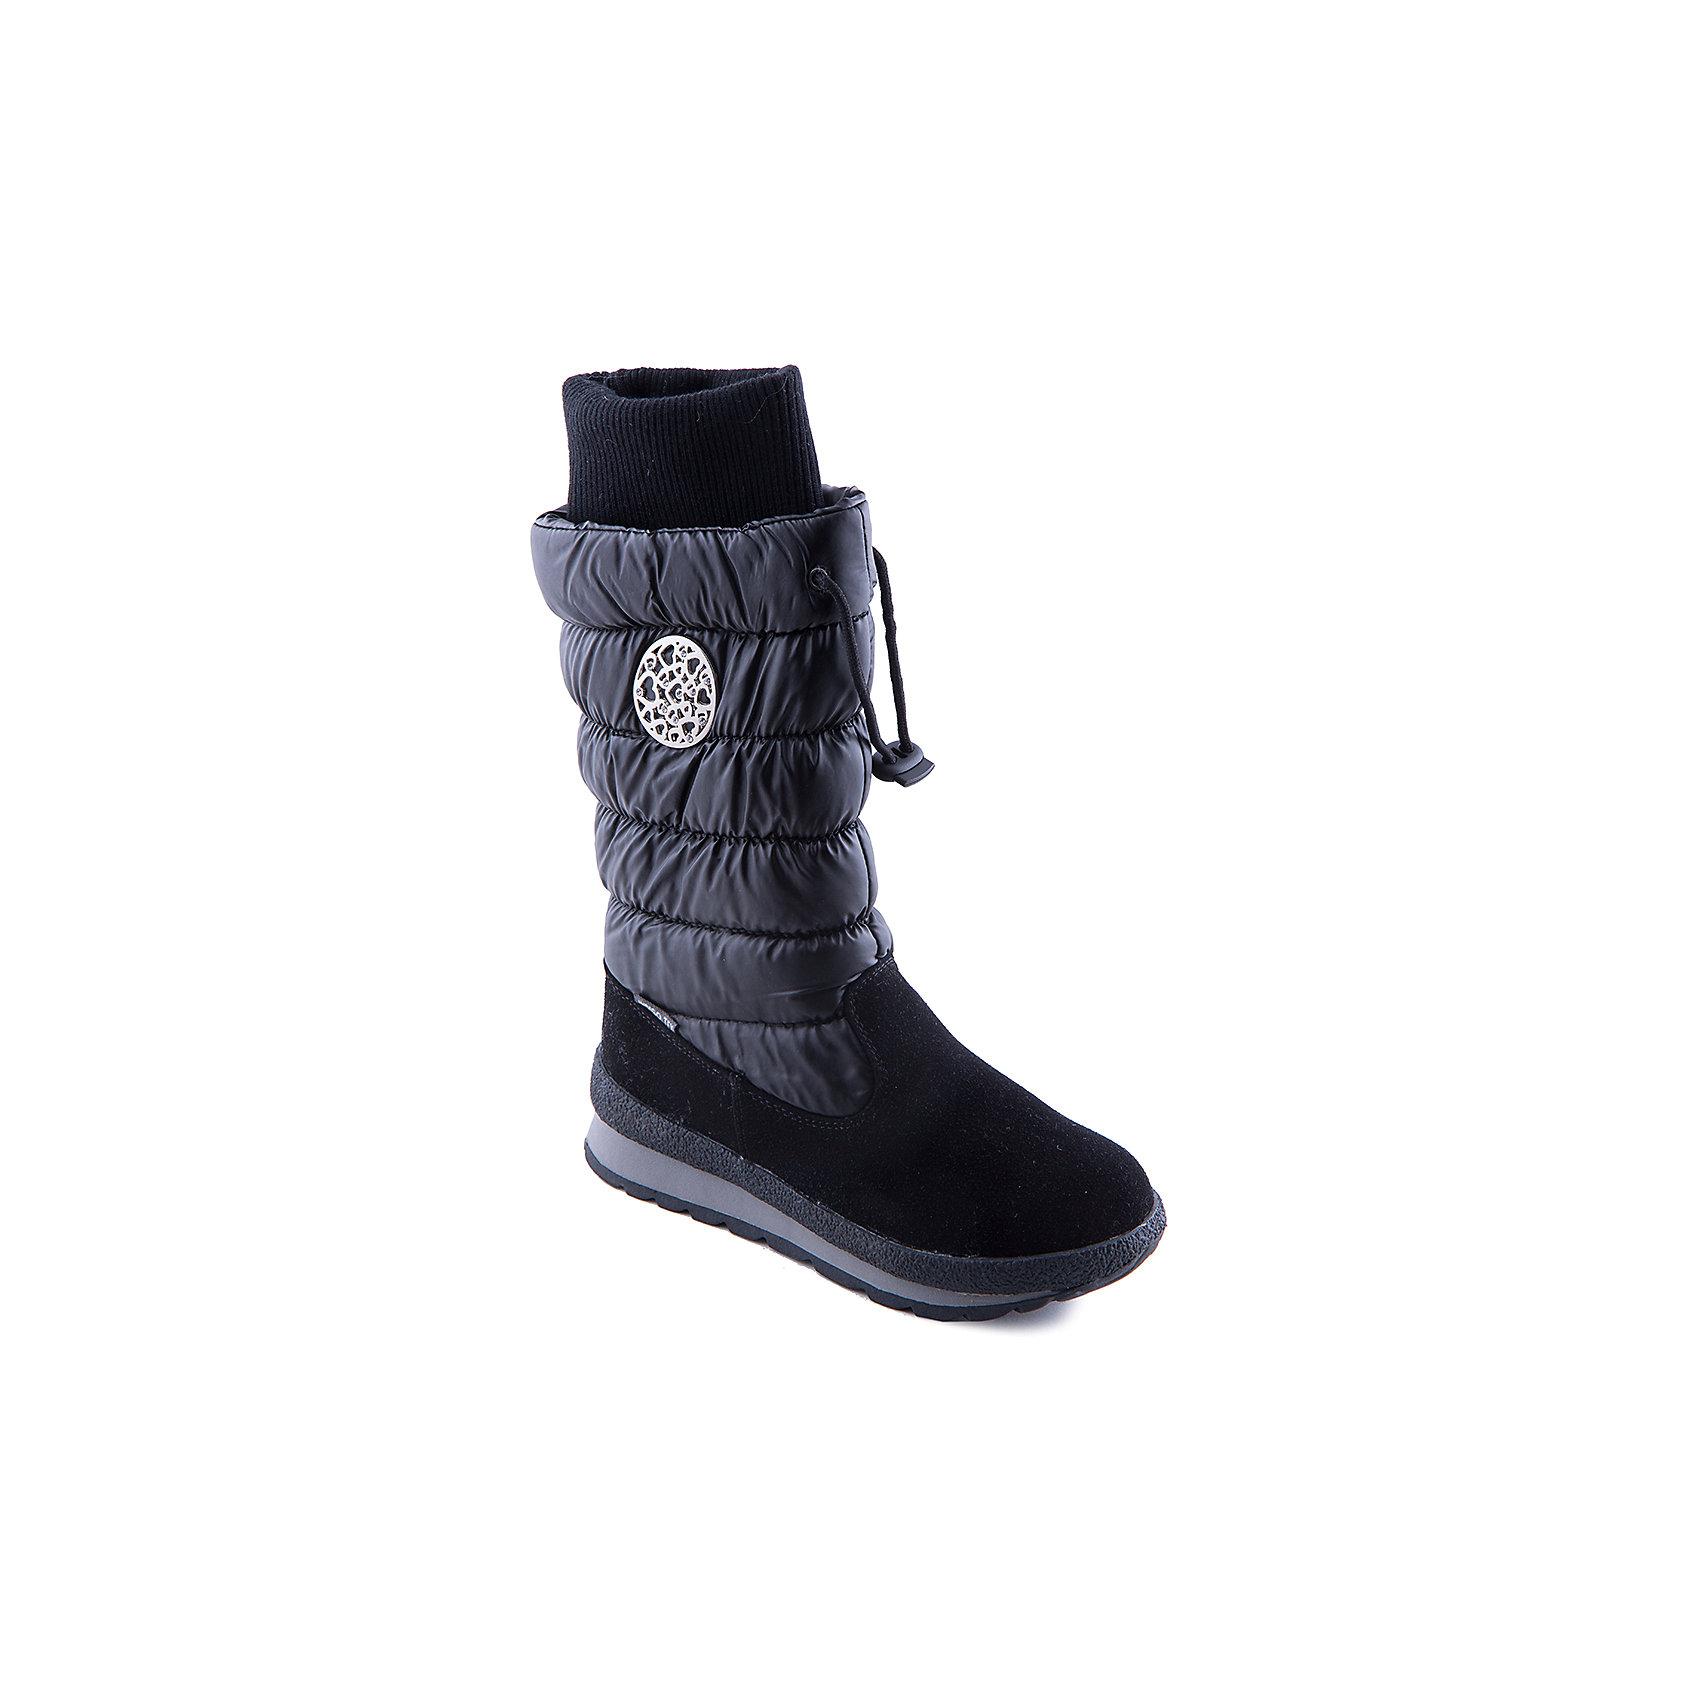 Сапоги для девочки Indigo kidsСапоги для девочки от популярной марки Indigo kids.<br>Стильные и удобные дутые сапоги надежно согреют ноги даже в морозы благодаря подкладке из натуральной шерсти. Они сделаны с применением технологии INDIGO TEX – это мембранный материал, выводящий влагу из обуви наружу, но не позволяющий сырости проникать внутрь.<br>Отличительные особенности модели:<br>- оригинальный дизайн, практичный черный цвет;<br>- комфортная колодка;<br>- толстая устойчивая подошва;<br>- удобная молния сбоку, утяжка сверху;<br>- качественная подкладка из шерсти;<br>- мембрана INDIGO TEX.<br>Дополнительная информация:<br>- Сезон: зима.<br>- Состав:<br>материал верха: текстиль/искусственная кожа<br>материал подкладки: шерсть<br>подошва: ТЭП.<br>Сапоги для девочки Indigo kids (Индиго кидс) можно купить в нашем магазине.<br><br>Ширина мм: 257<br>Глубина мм: 180<br>Высота мм: 130<br>Вес г: 420<br>Цвет: черный<br>Возраст от месяцев: 108<br>Возраст до месяцев: 120<br>Пол: Женский<br>Возраст: Детский<br>Размер: 33,32,34,35,37,36<br>SKU: 4225974